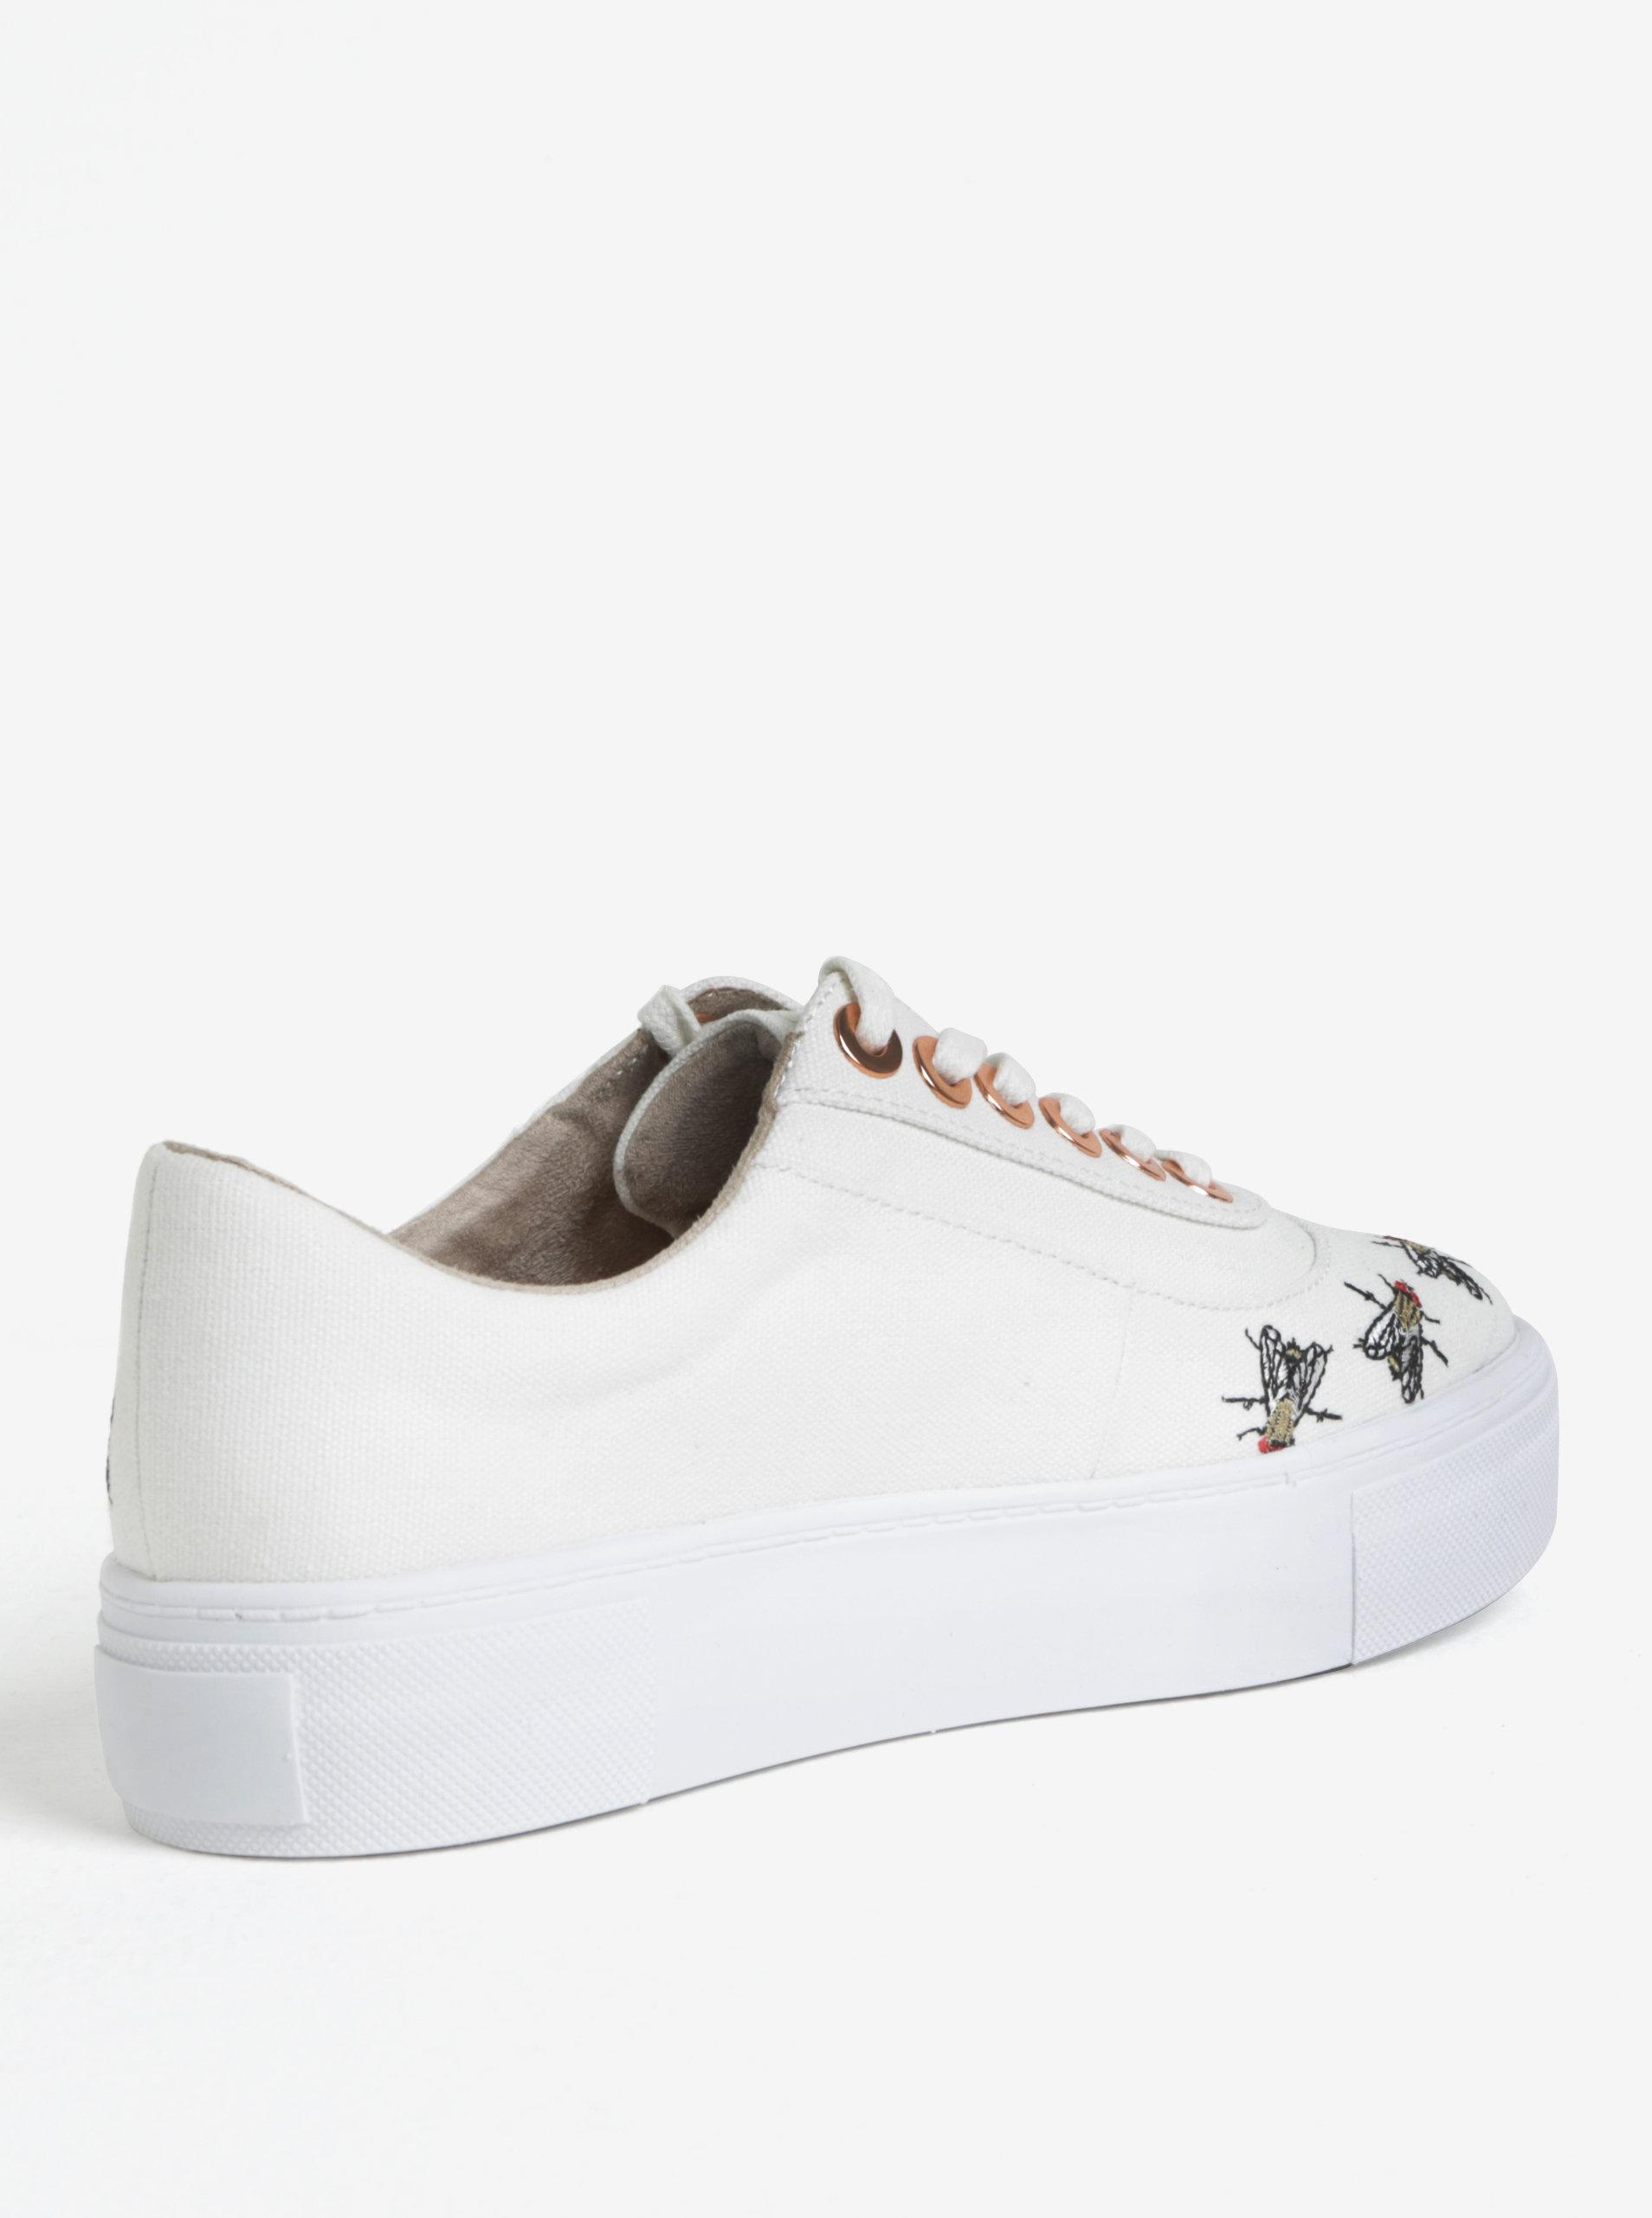 Bílé tenisky na platformě s výšivkami Tamaris ... 427e0c622d